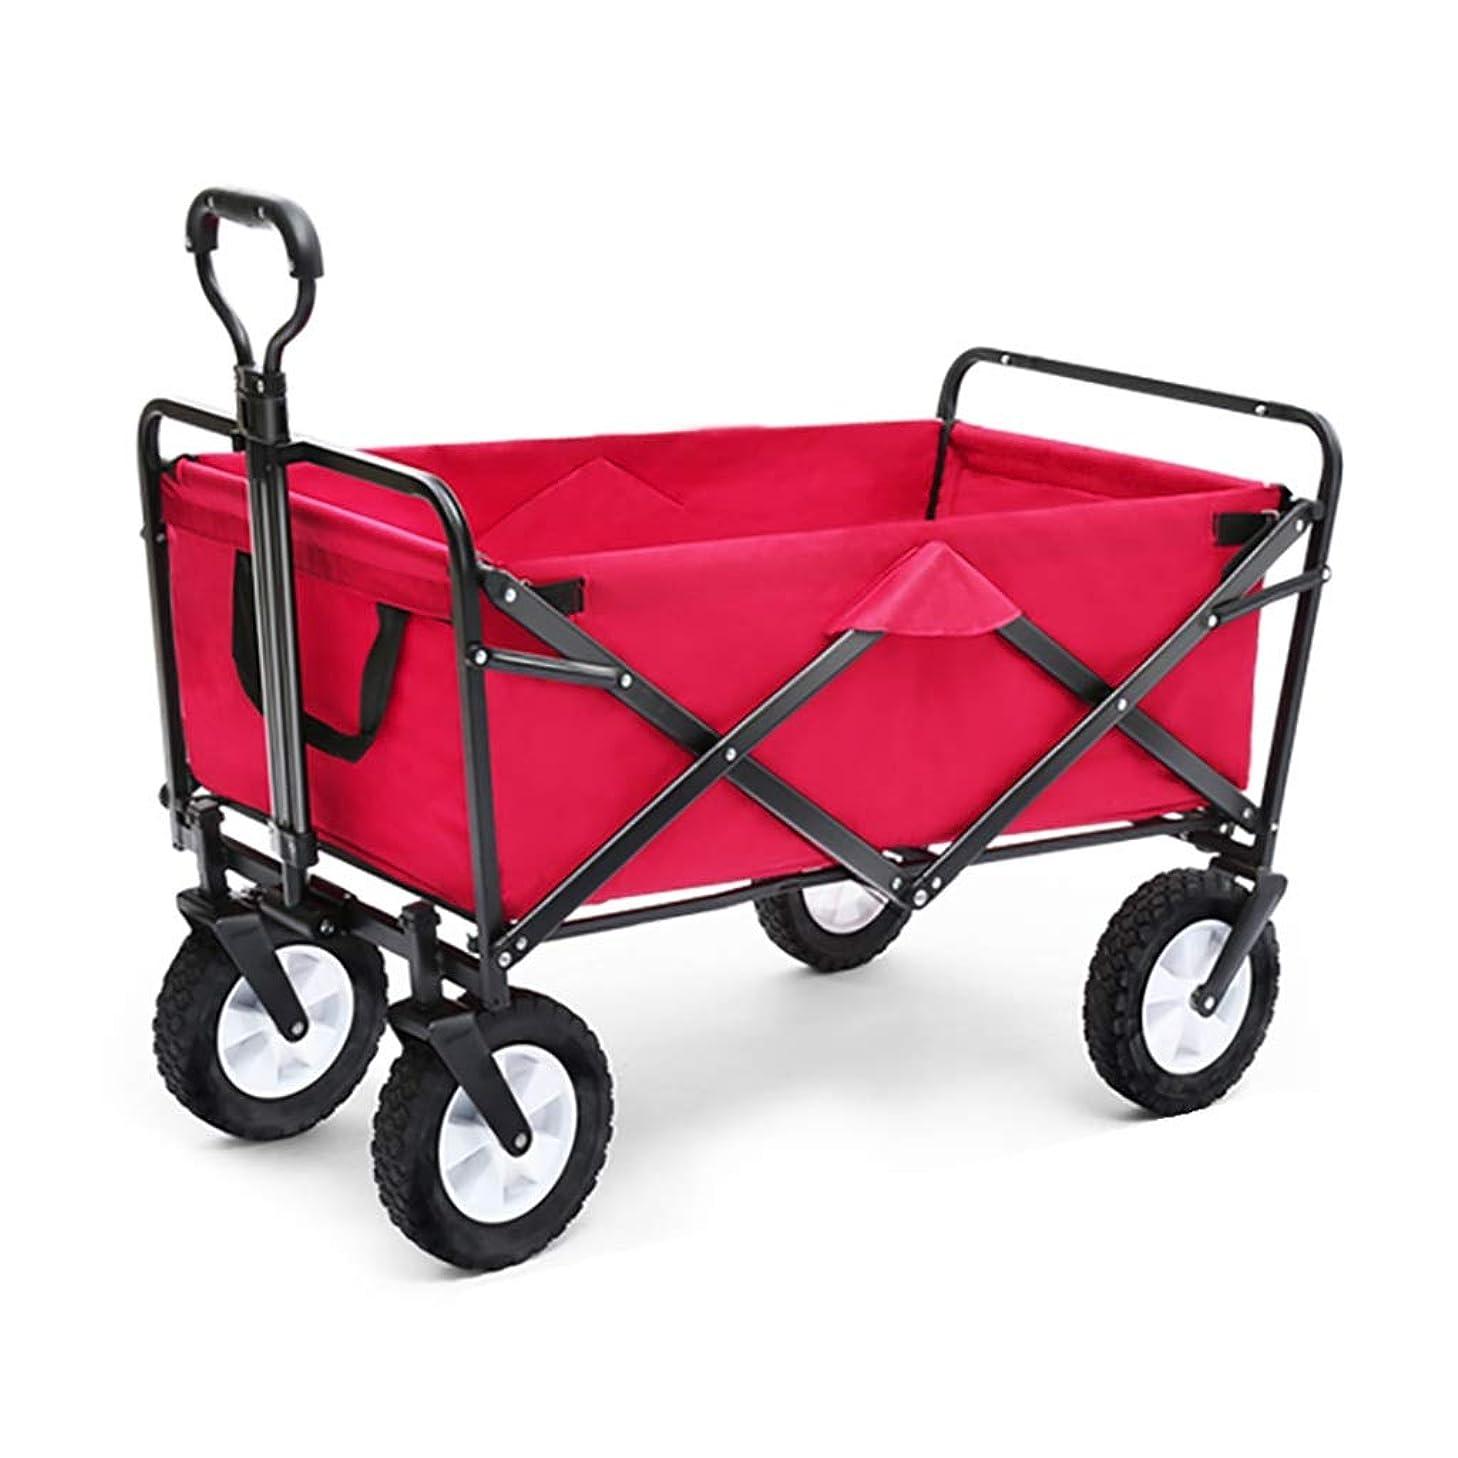 コスチューム統合社交的折りたたみビーチワゴン 収穫台車?キャリー 折りたたみ式ガーデントロリーカート ヘビーデューティーワゴン 多機能ショッピングカート にとって アウトドア キャンプ 釣り プルトラック 4つの車輪で、 赤、 積載量:80kg